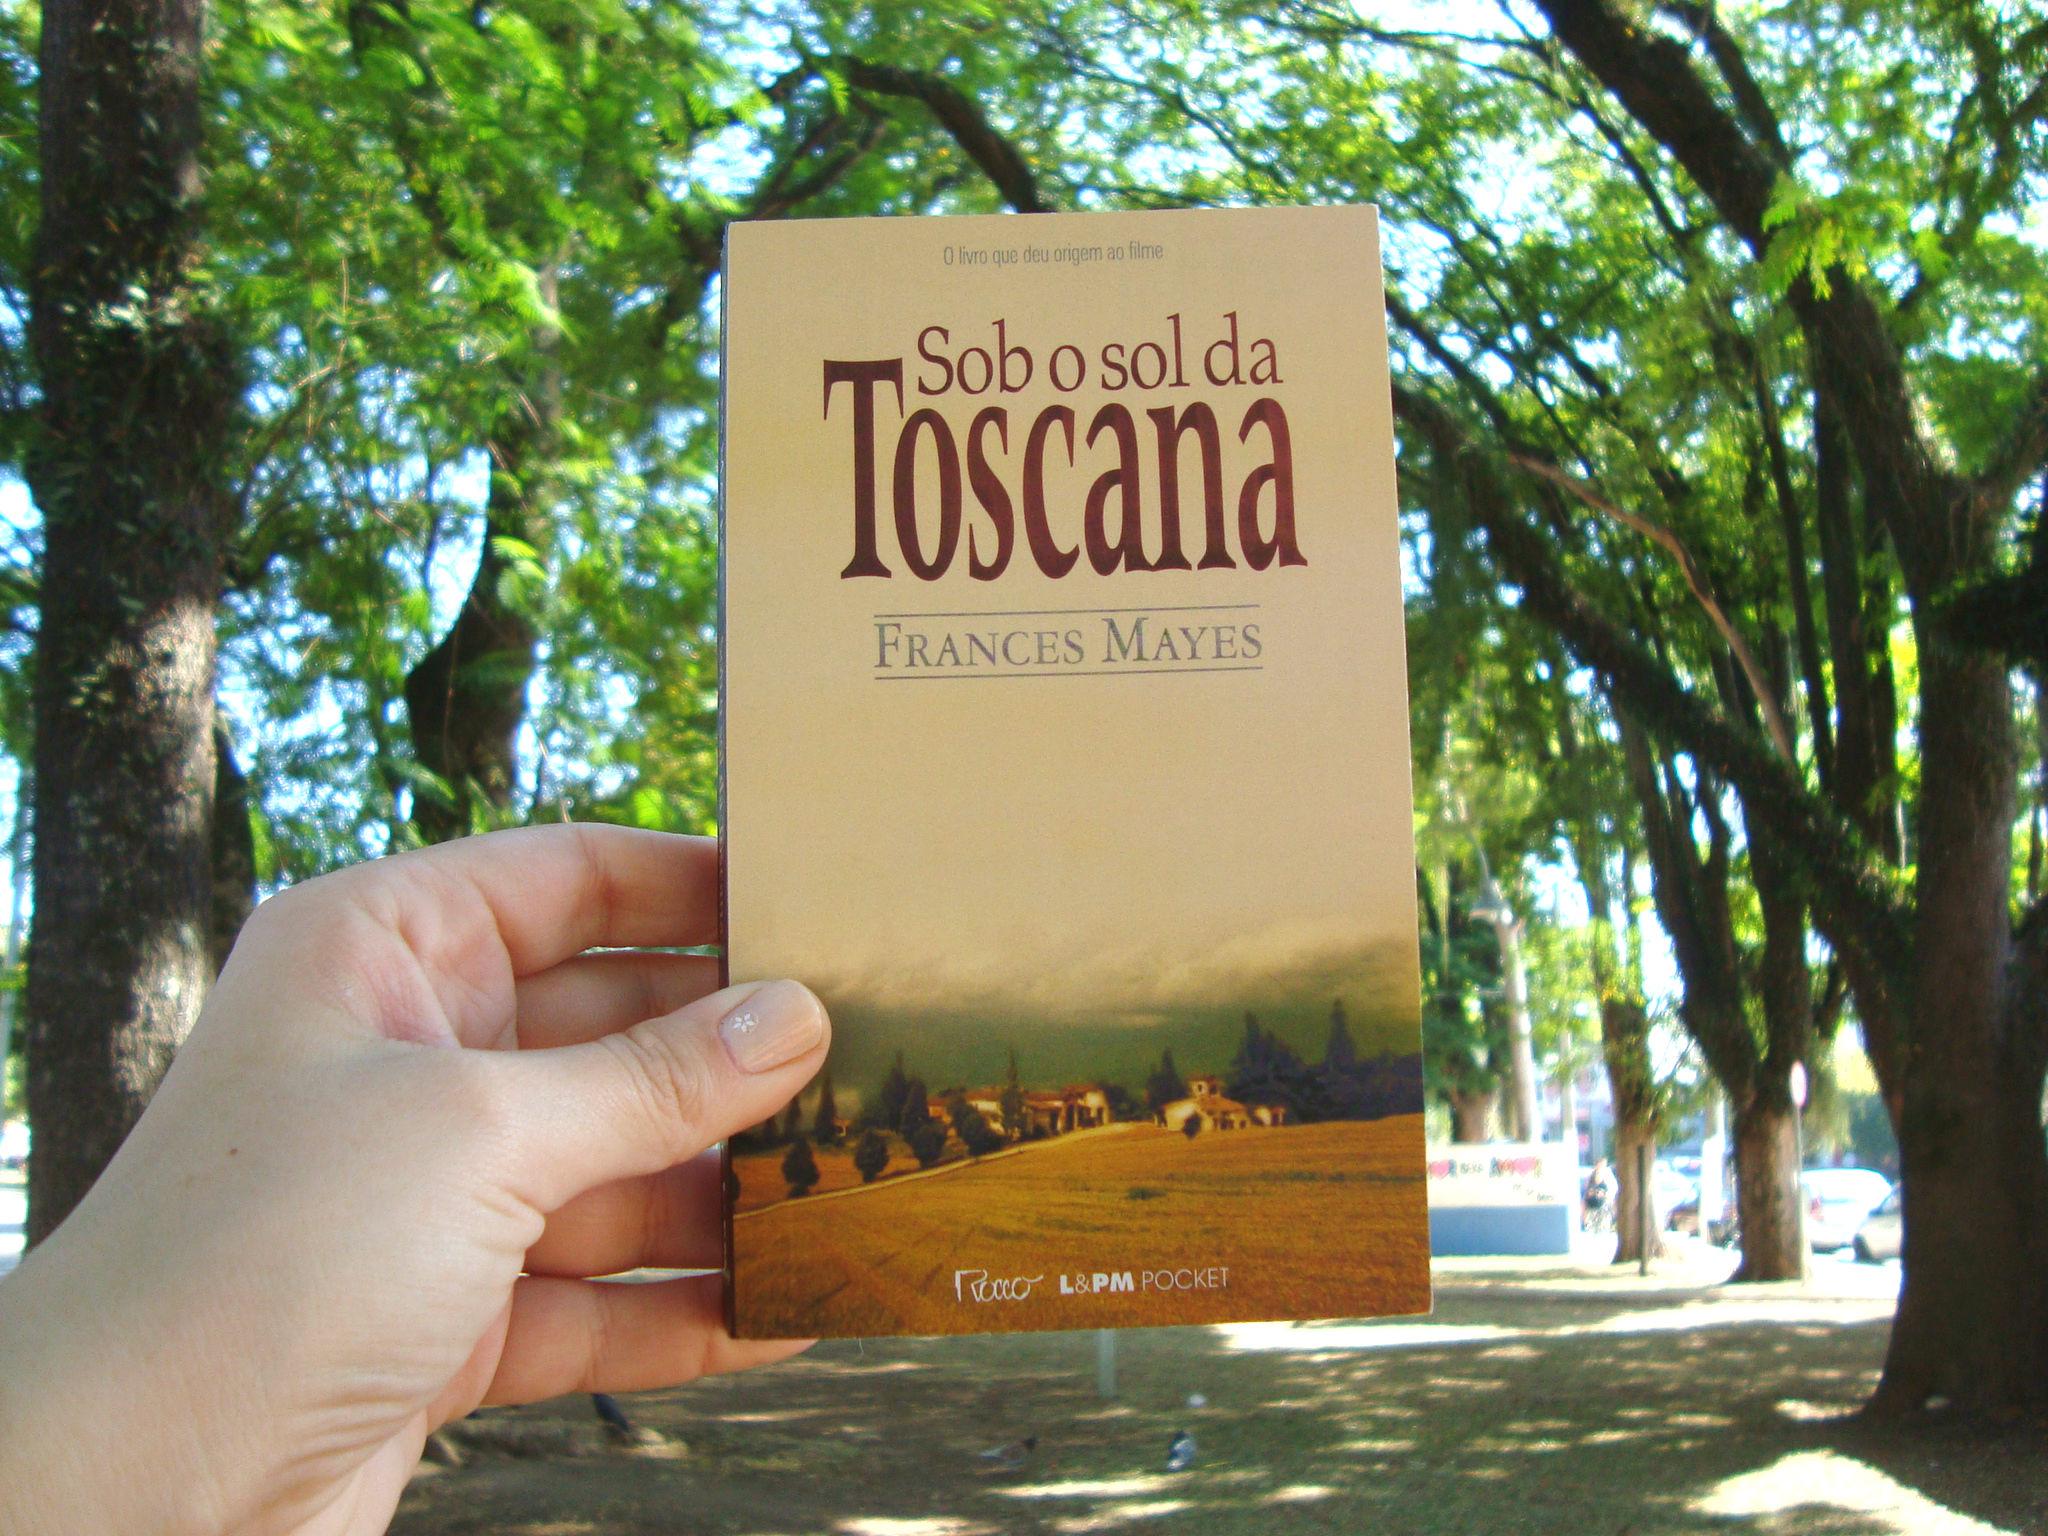 Capa  do livro Sob o sol da Toscana, Frances Mayes